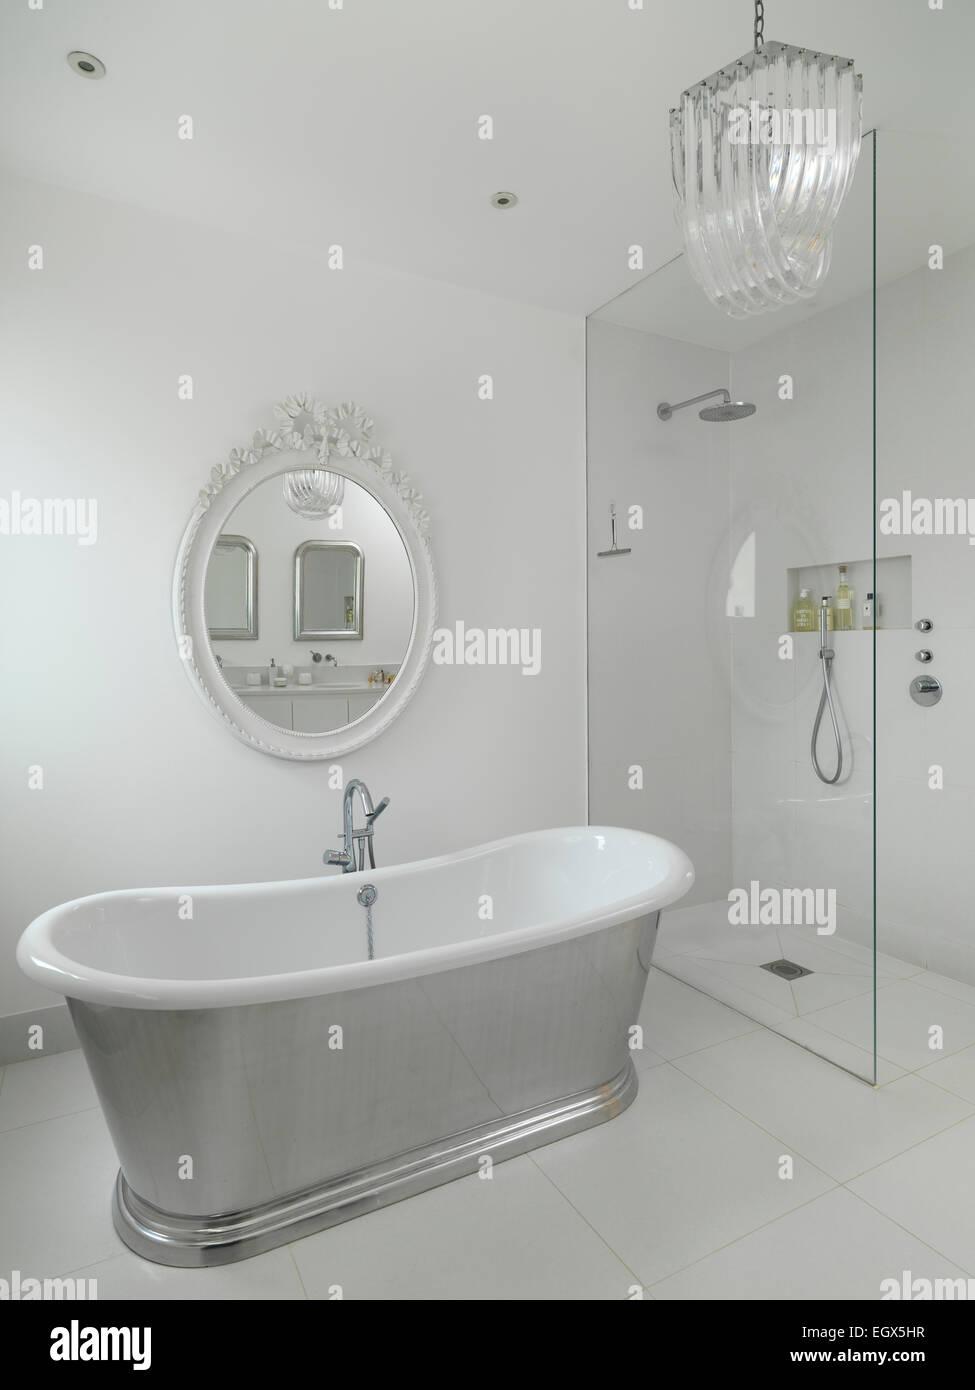 Freistehende Badewanne Im Zentrum Des Weißen Badezimmer, UK Nach Hause